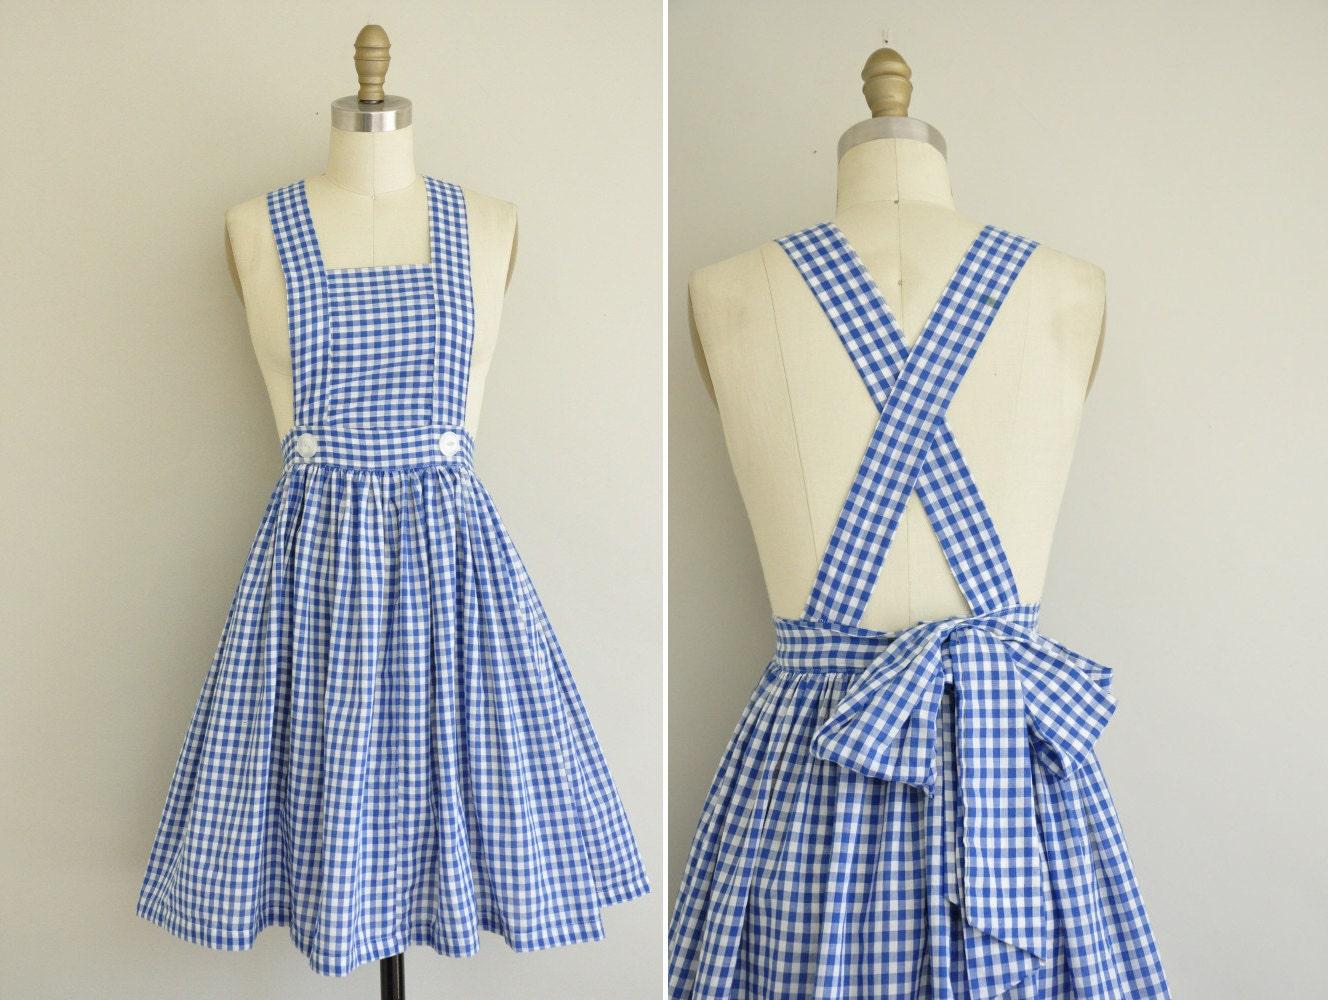 Vintage 1950s Gingham Dress 50s Cotton Full Skirt 50s Blue